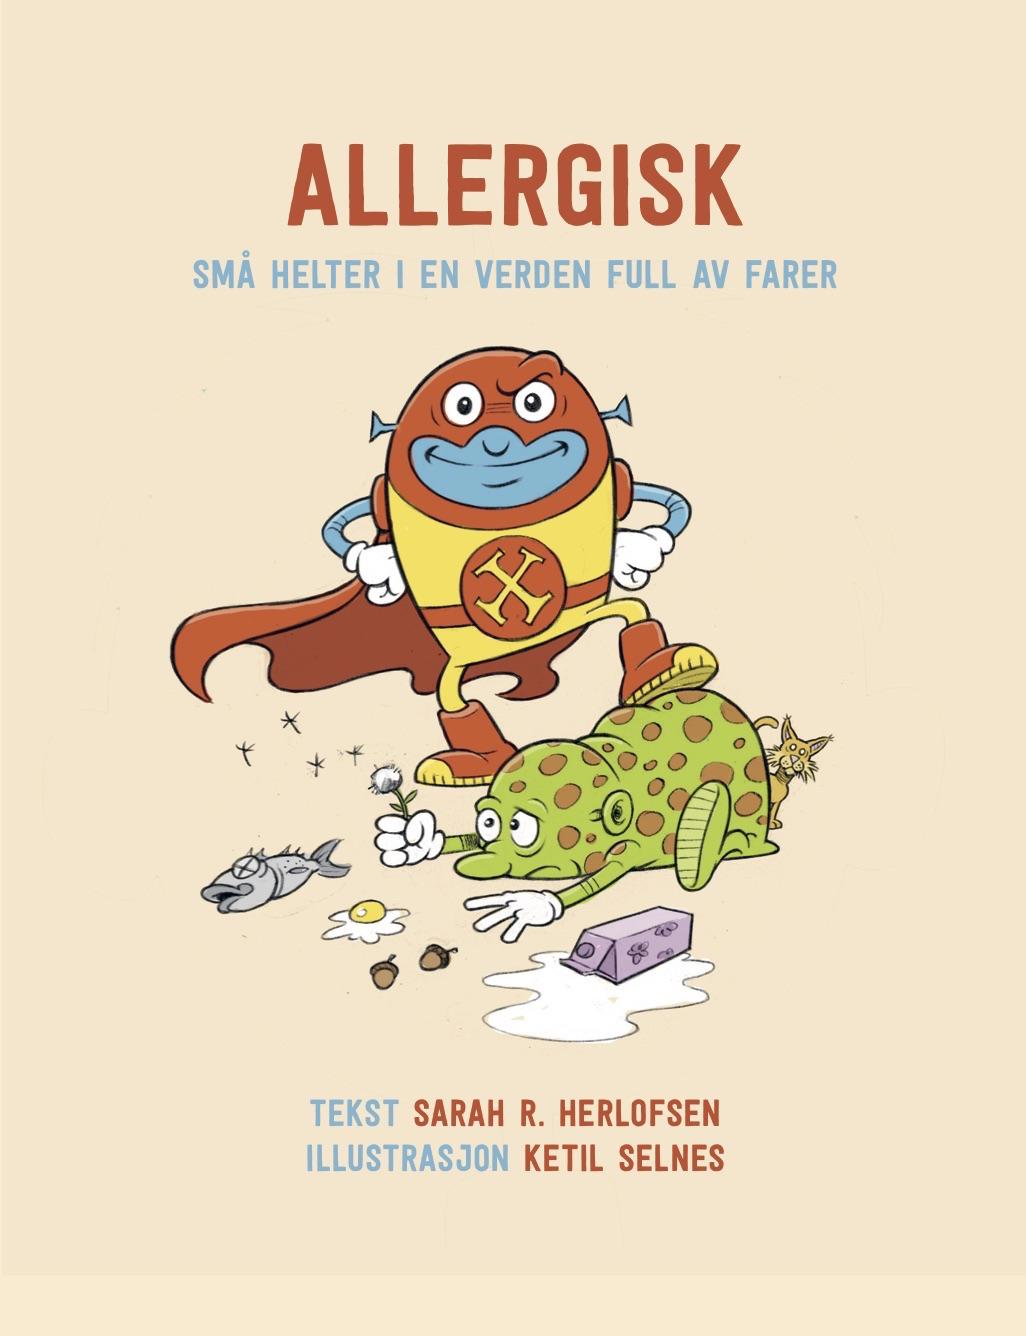 Allergisk sma helter i en verden full av farer